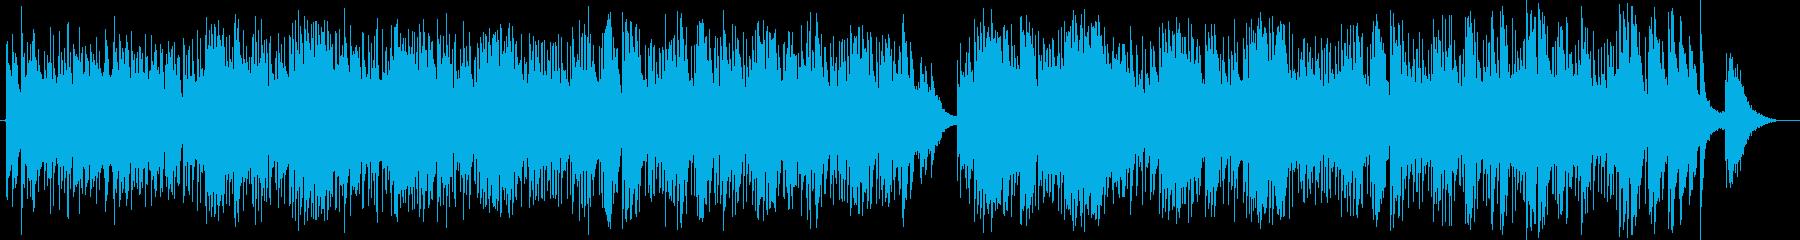 南国風のゆったりとしたミュージックの再生済みの波形